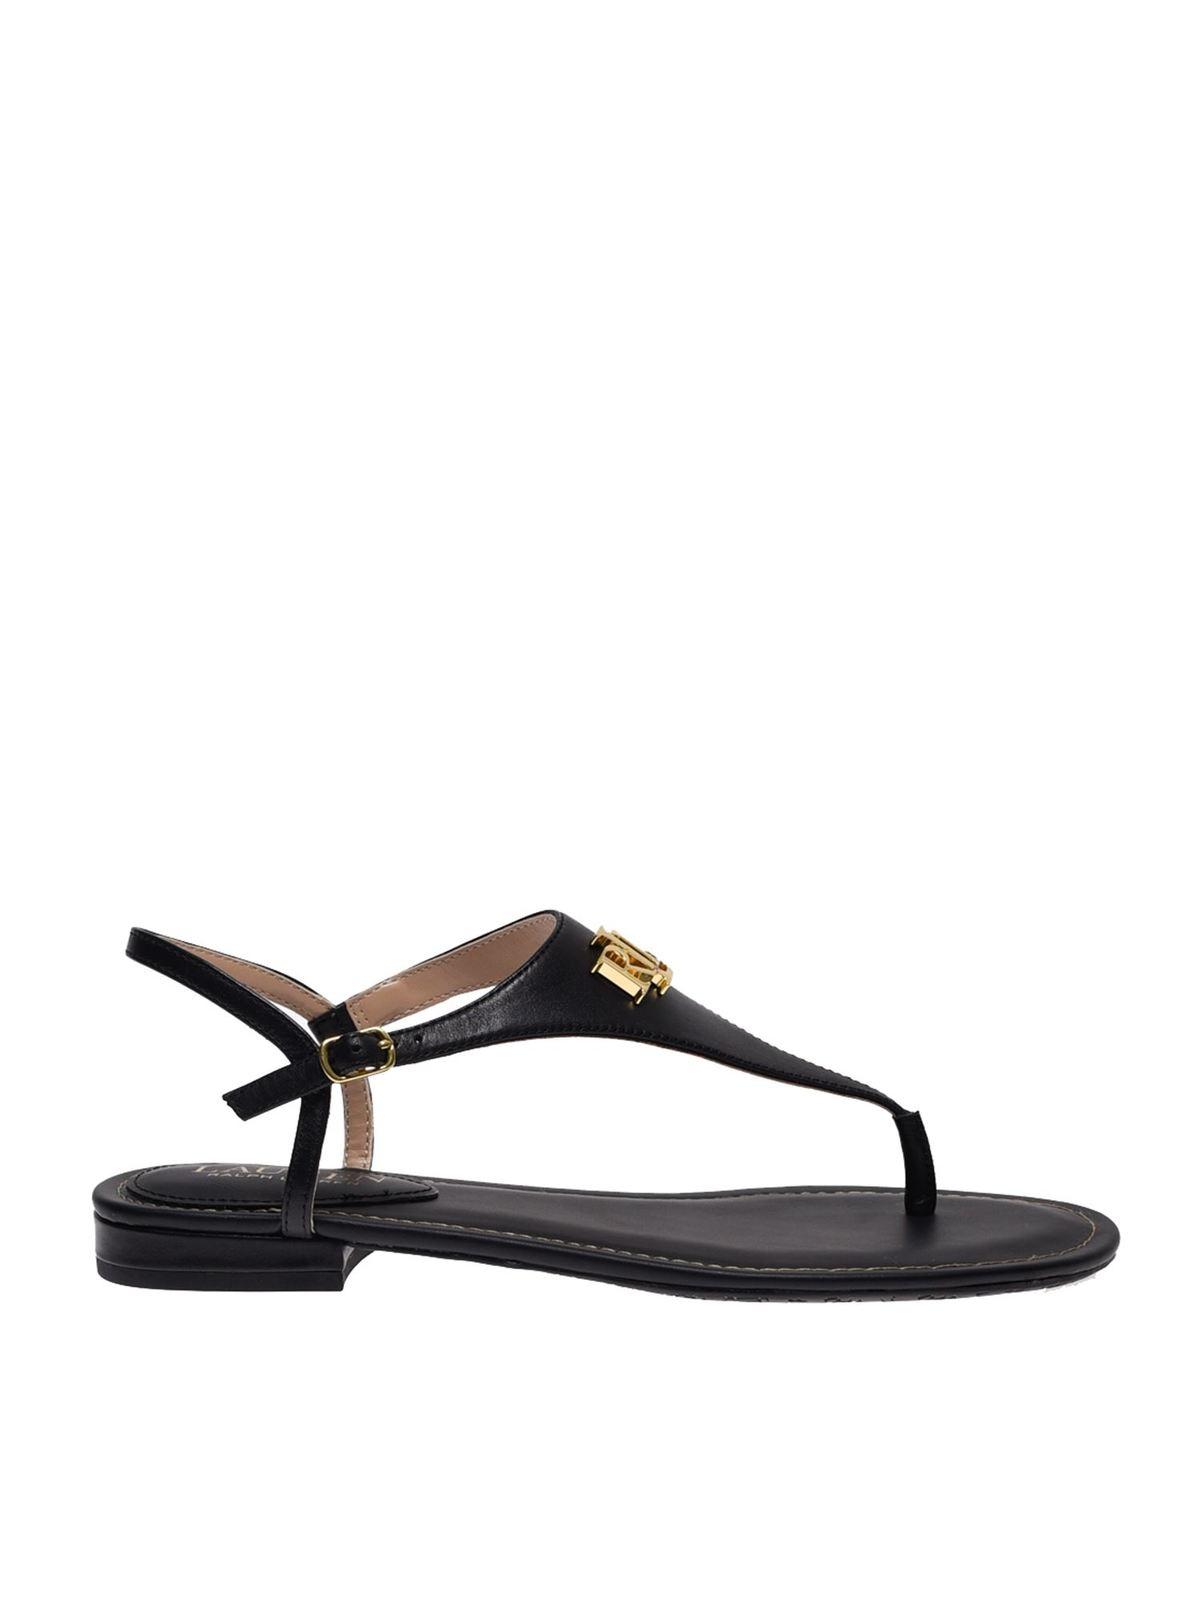 Lauren Ralph Lauren Ellington Sandals In Black